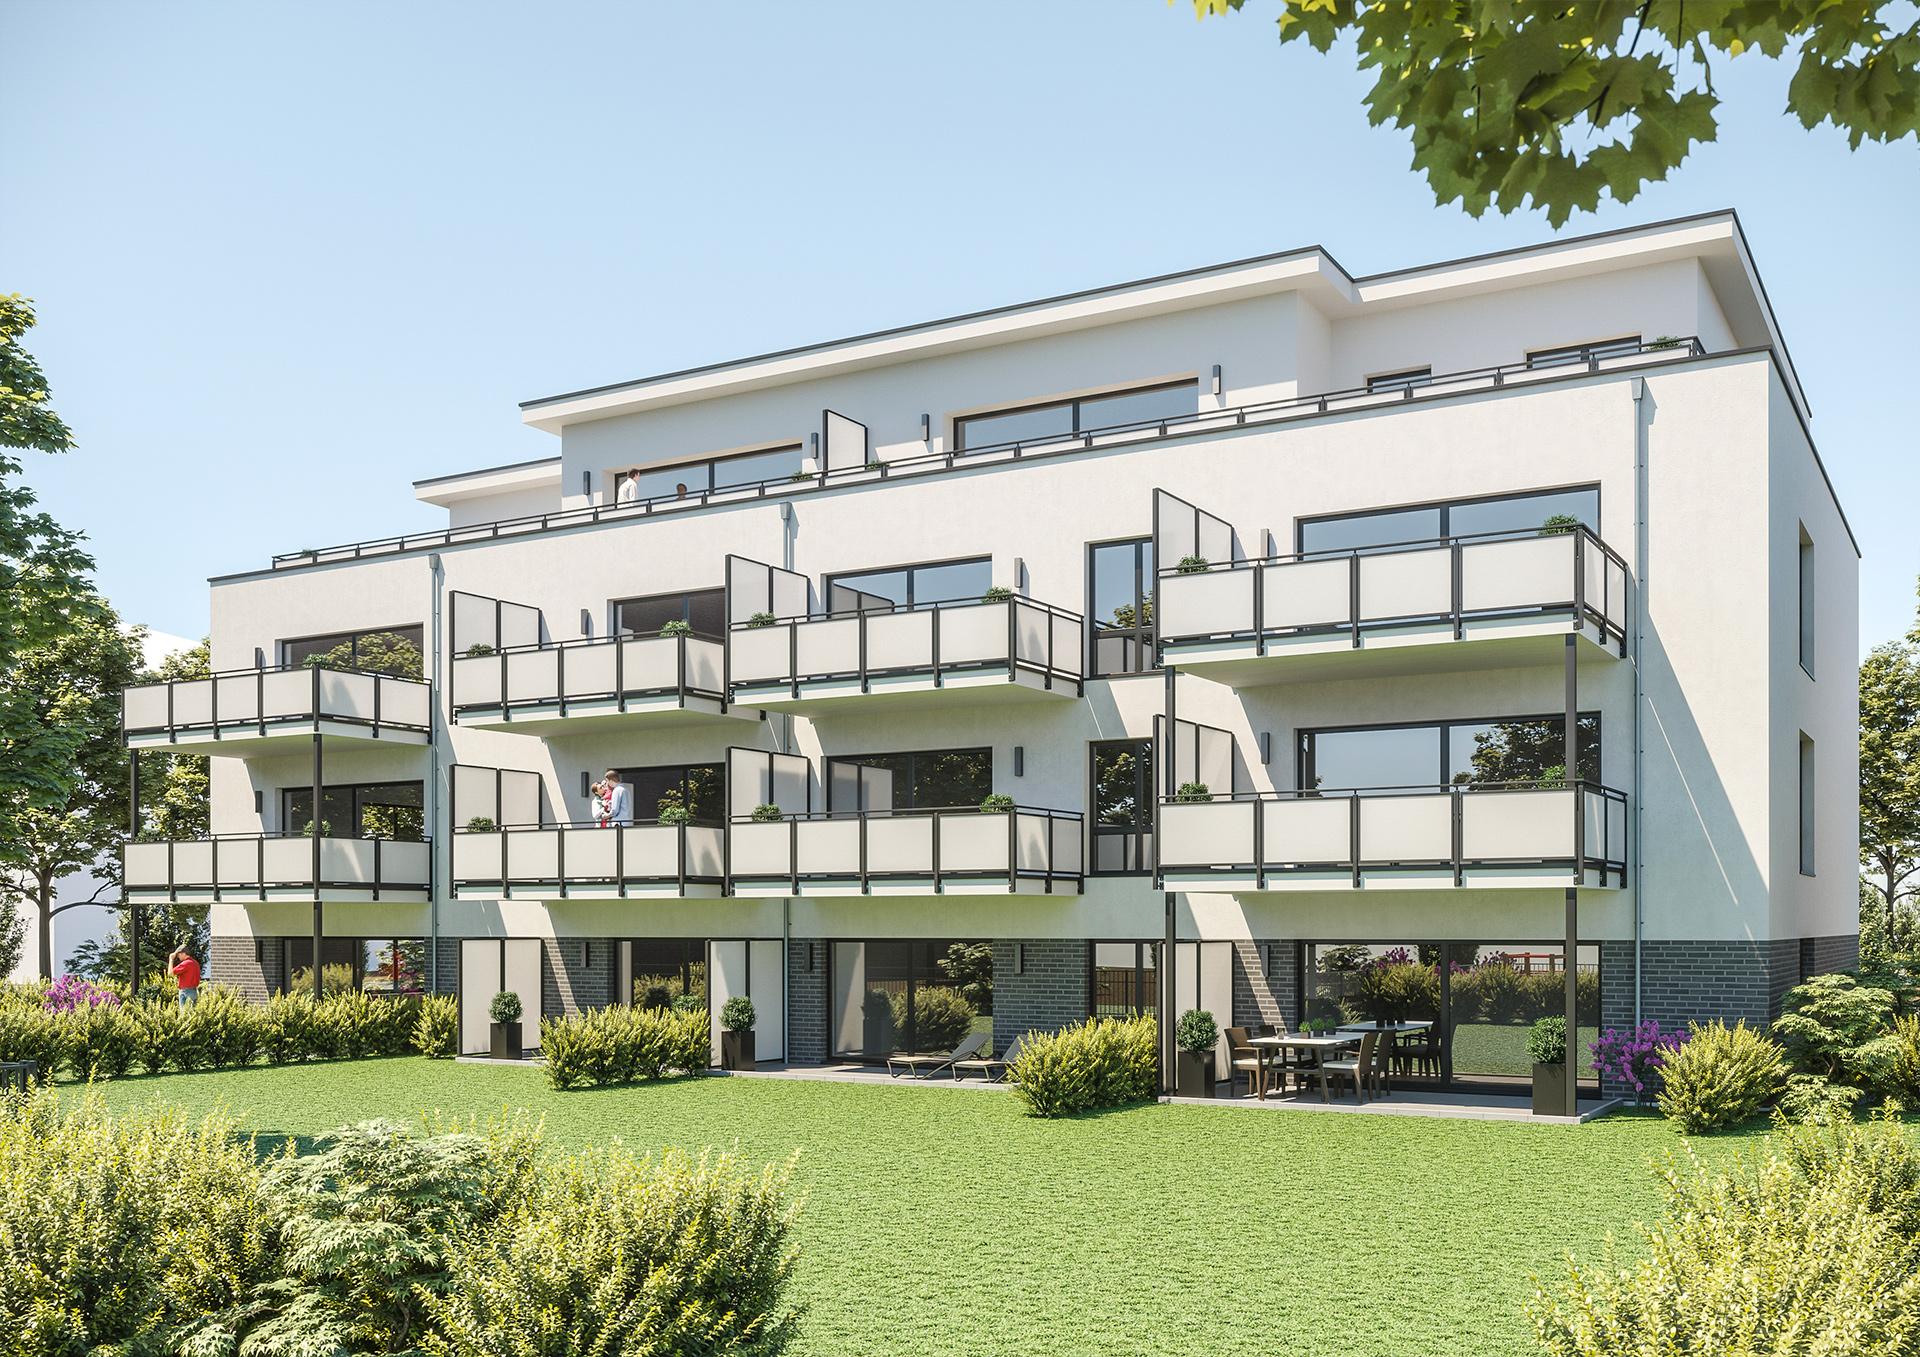 Neubau Mehrfamilienhaus in Essen Frintop • Nikolić + Rosenke GmbH